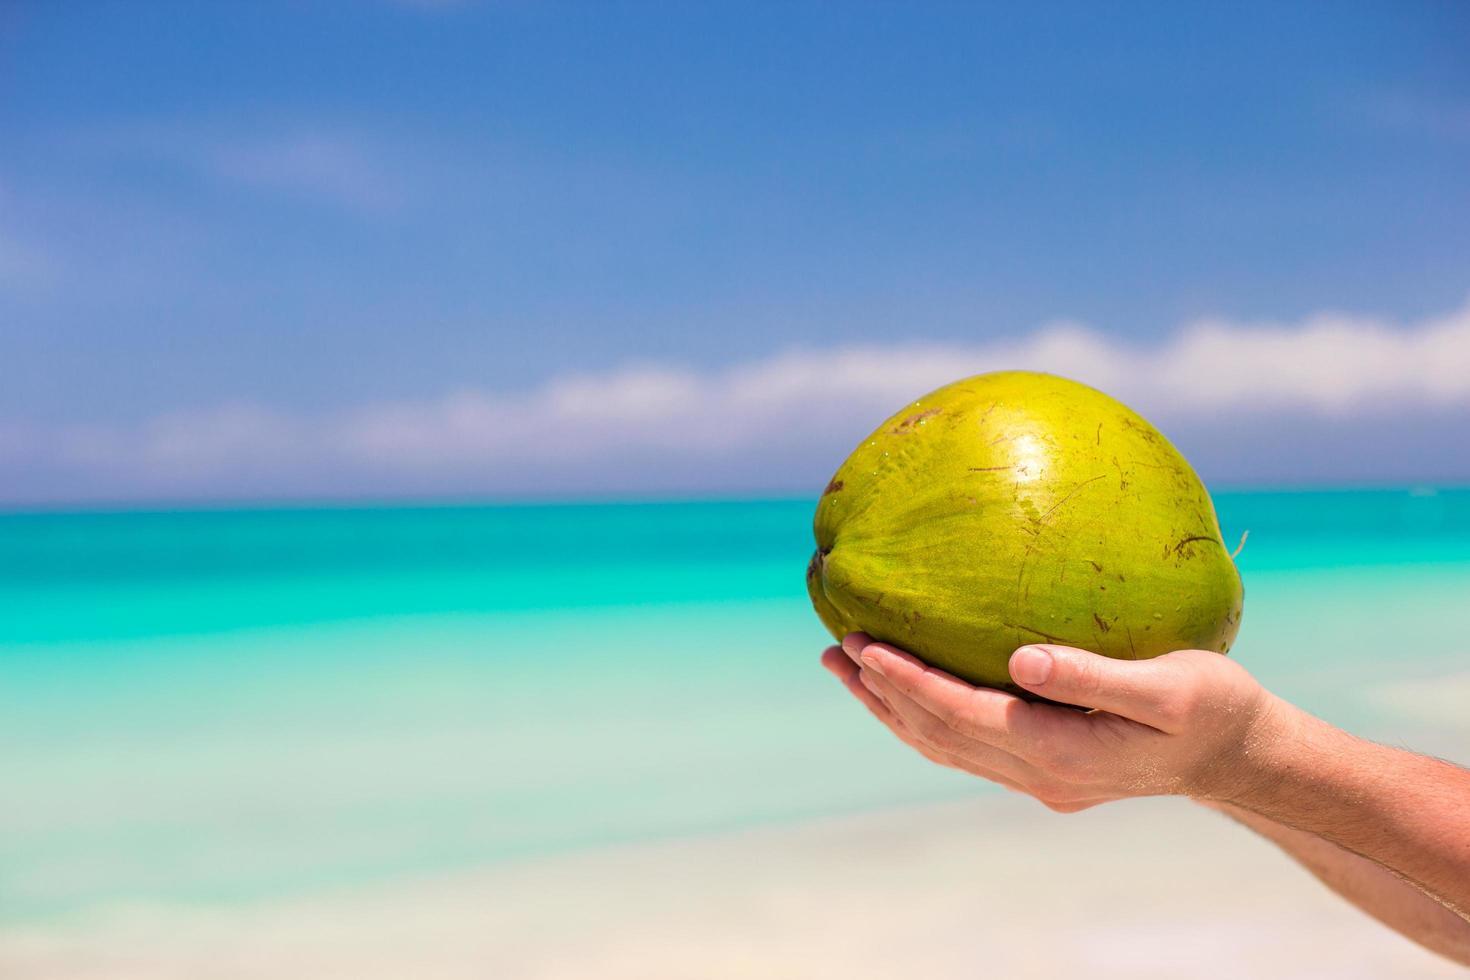 persoon met een kokosnoot op een strand foto